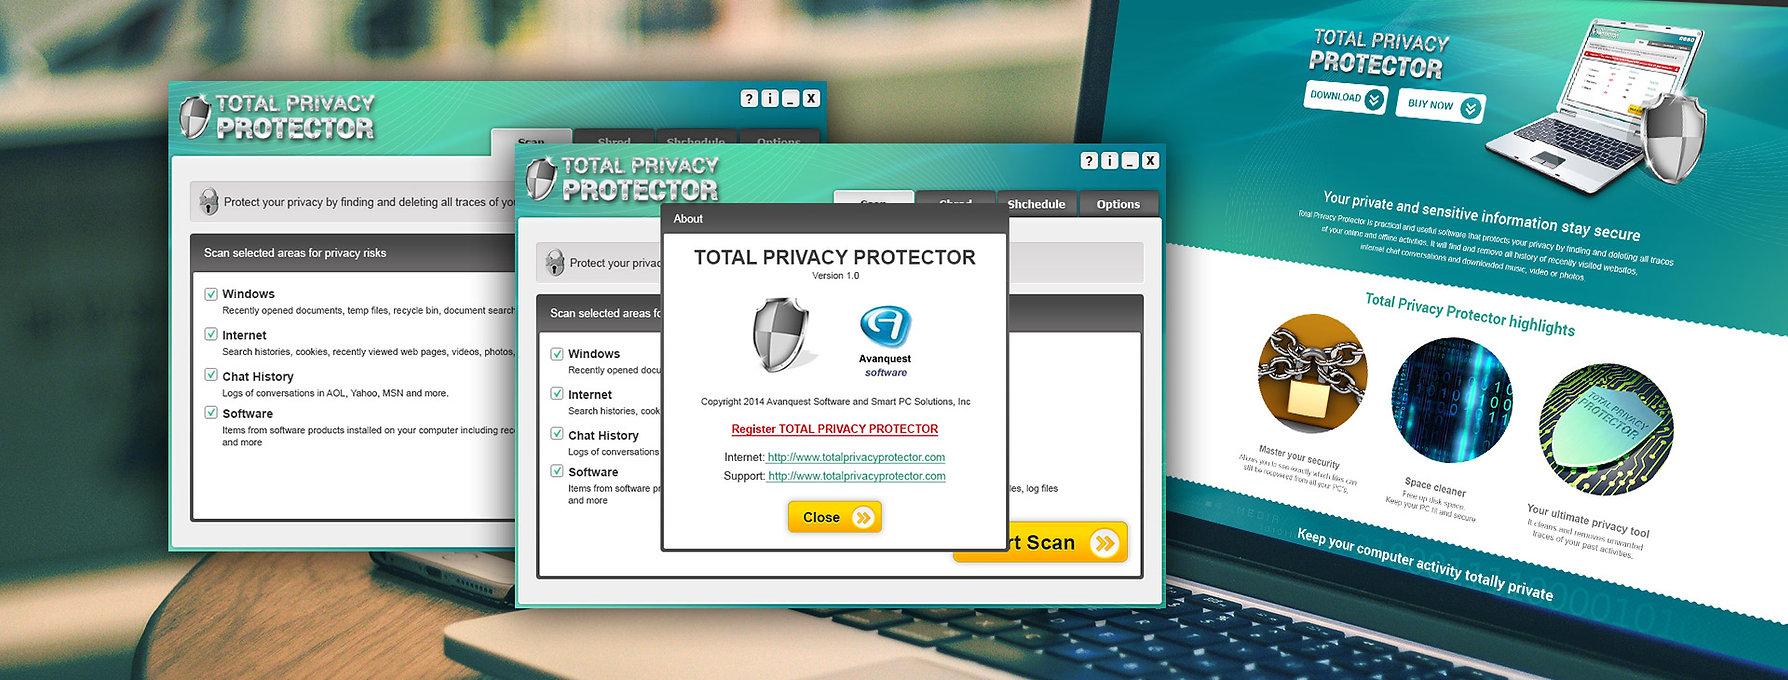 PrivacyProtector.jpg